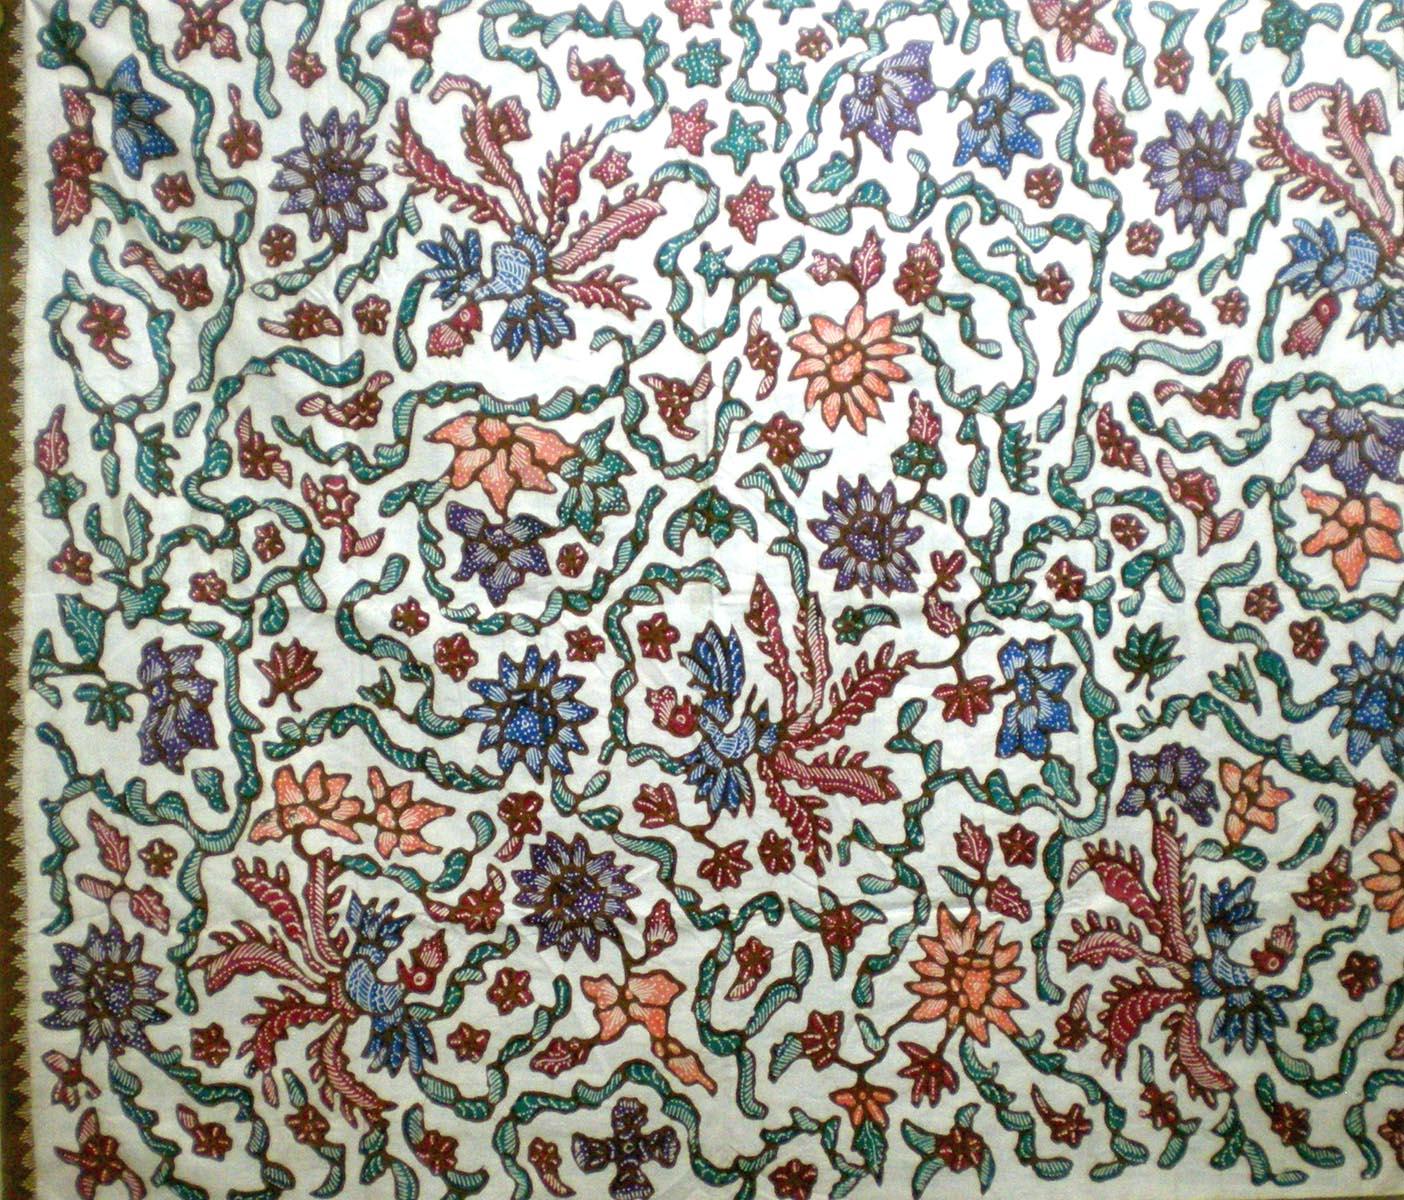 Jenis Jenis Batik Indonesia 2 Belindomag